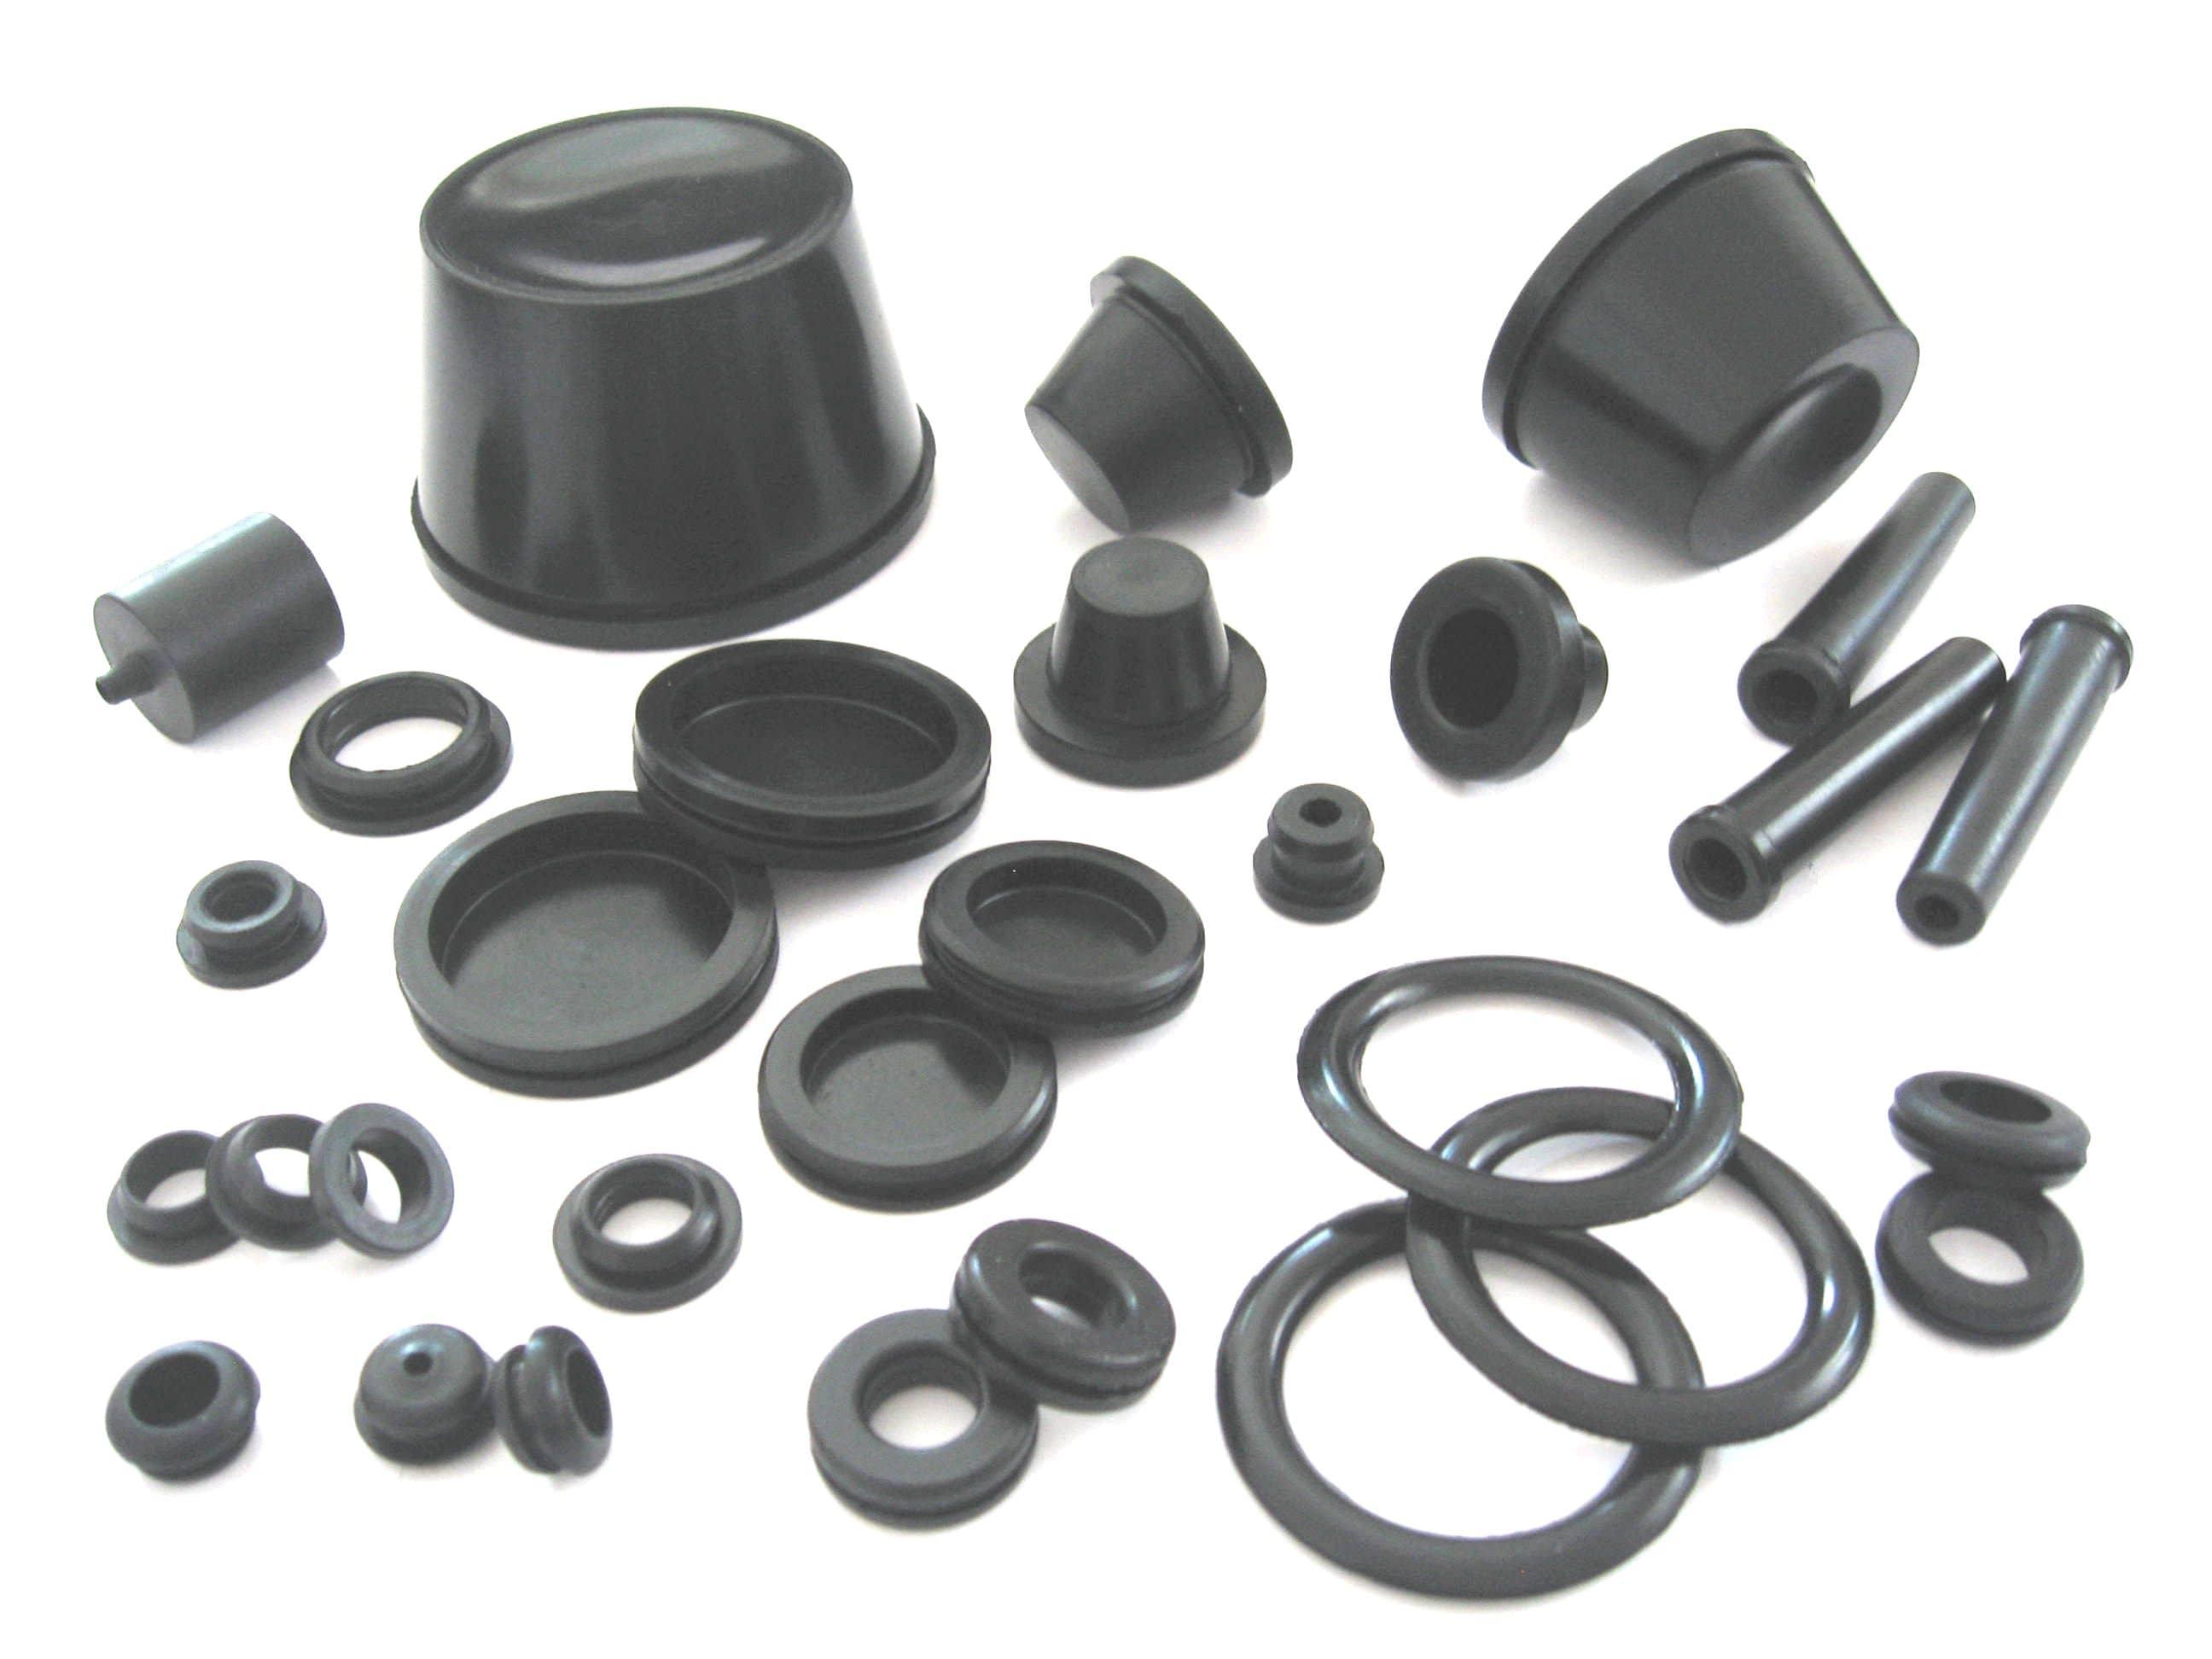 12. dławiki gumowy do przewodów, dławiki z membraną lub bez, przelotki kablowe i dławnice gumowe typ BDE